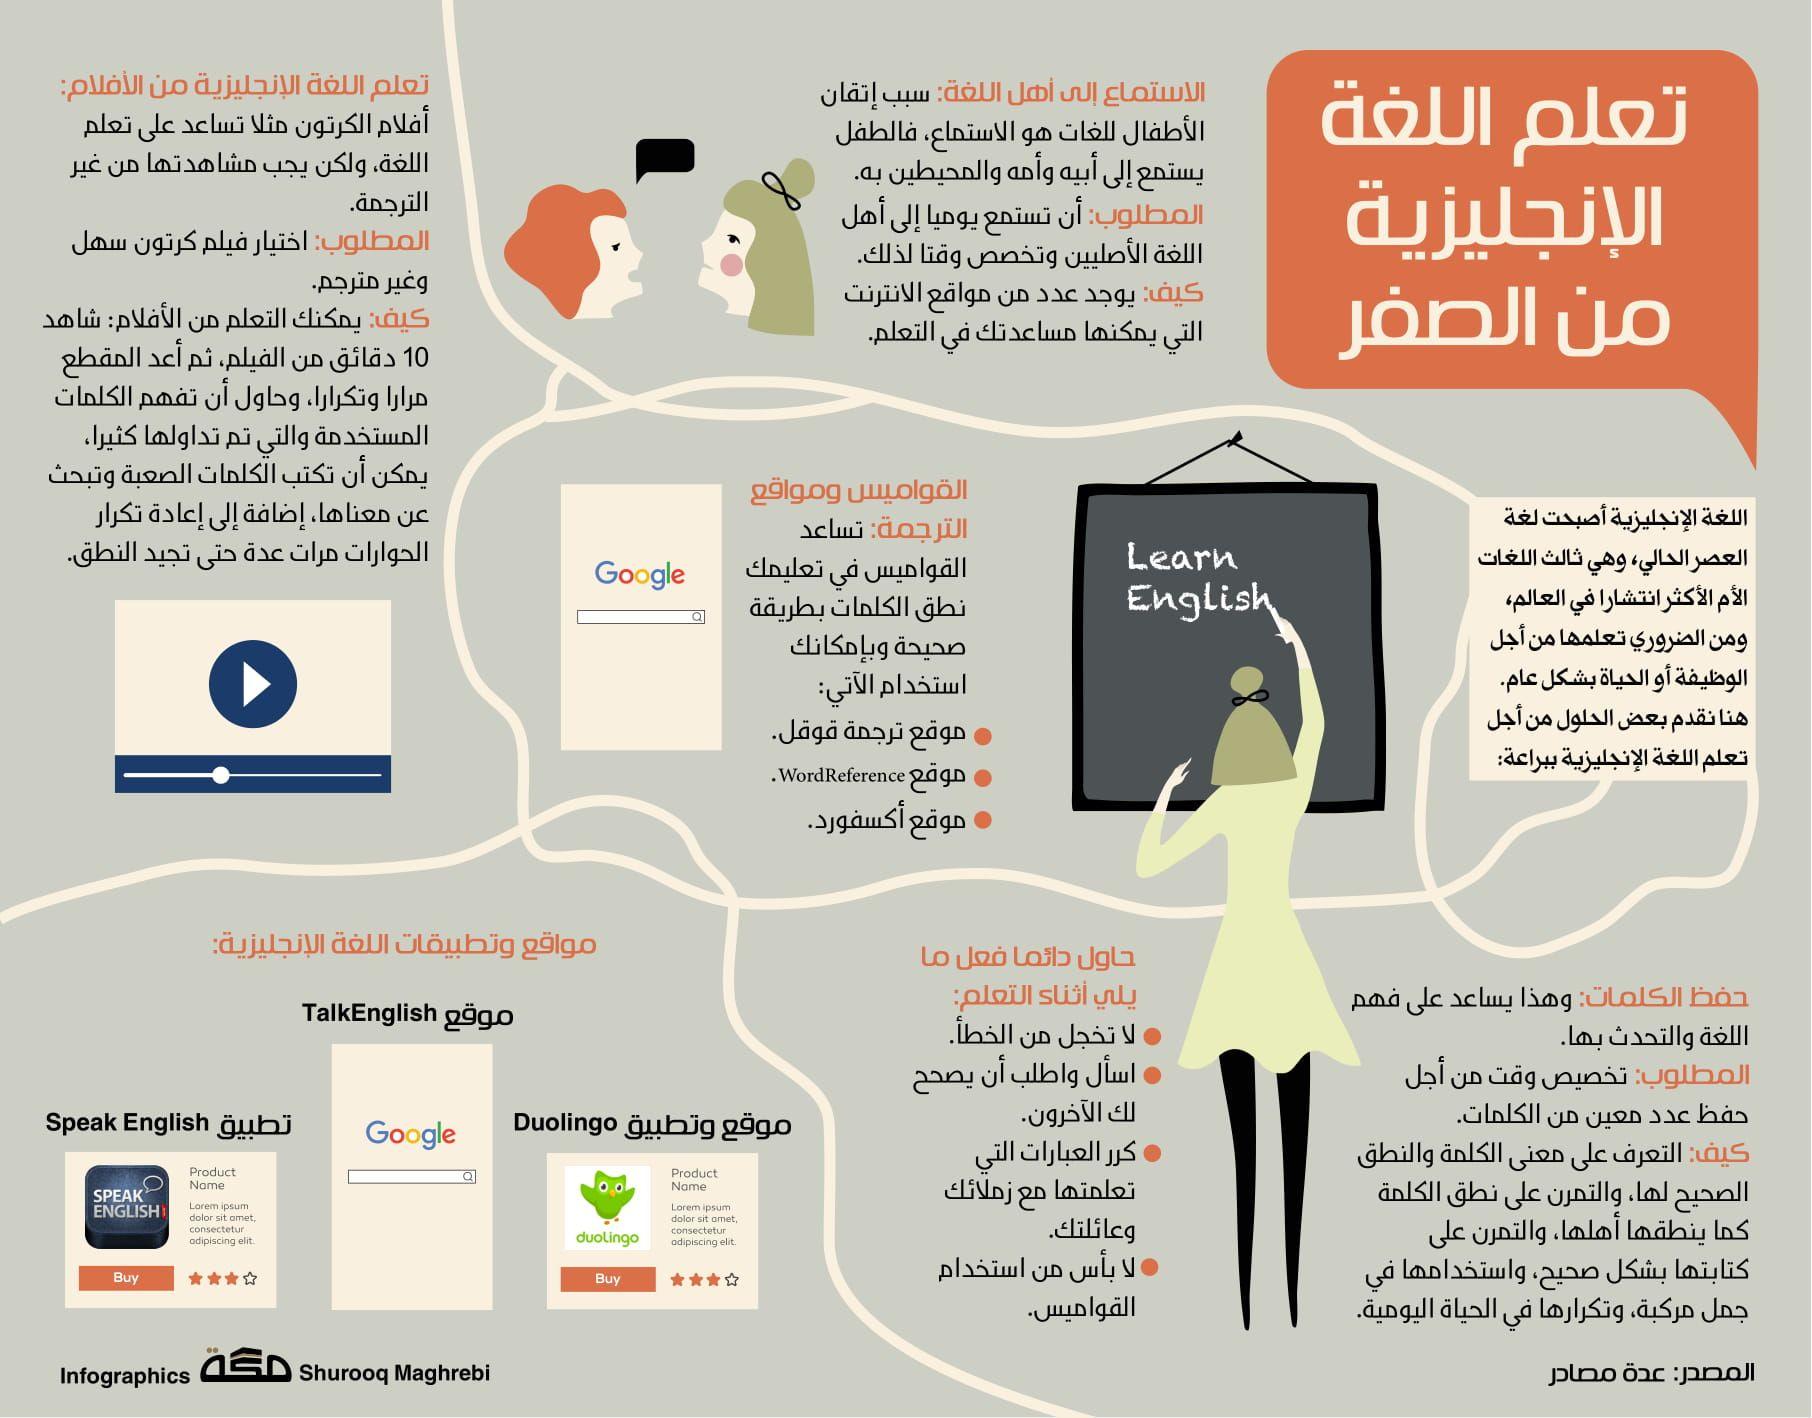 تعلم اللغة الإنجليزية من الصفر صحيفة مكة انفوجرافيك تعليم Life Skills Life Skills Activities Learning Websites